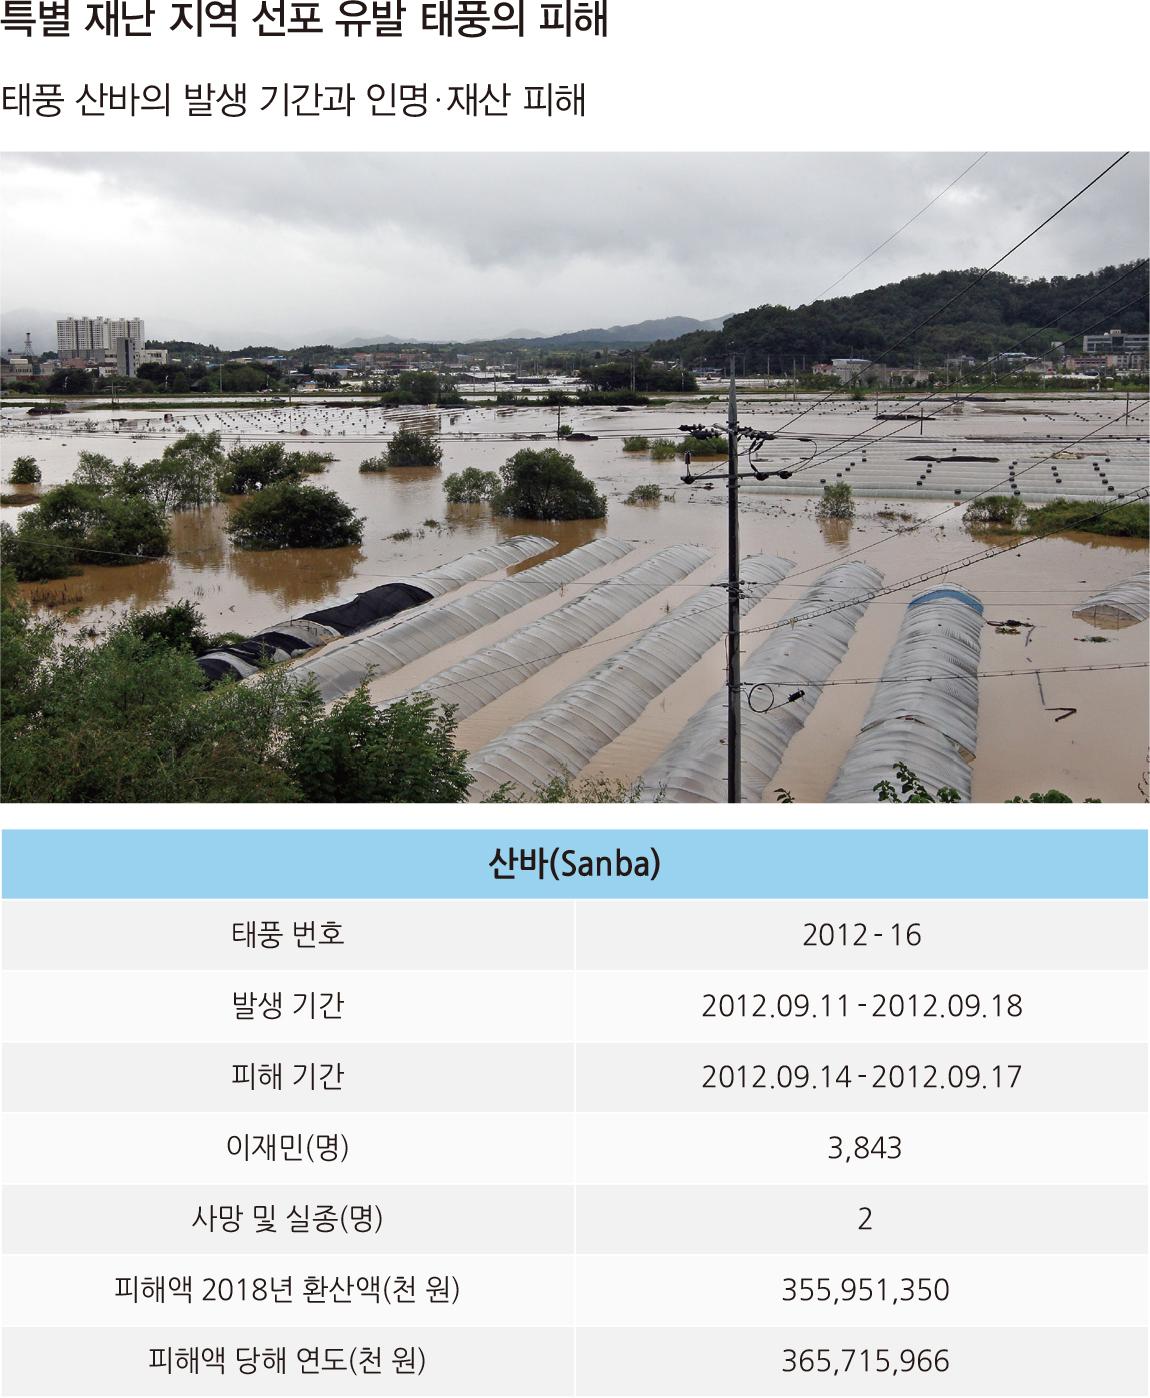 30°N 특별 재난 지역 선포 유발 태풍의 피해 / 태풍 산바의 발생 기간과 인명  재산 피해